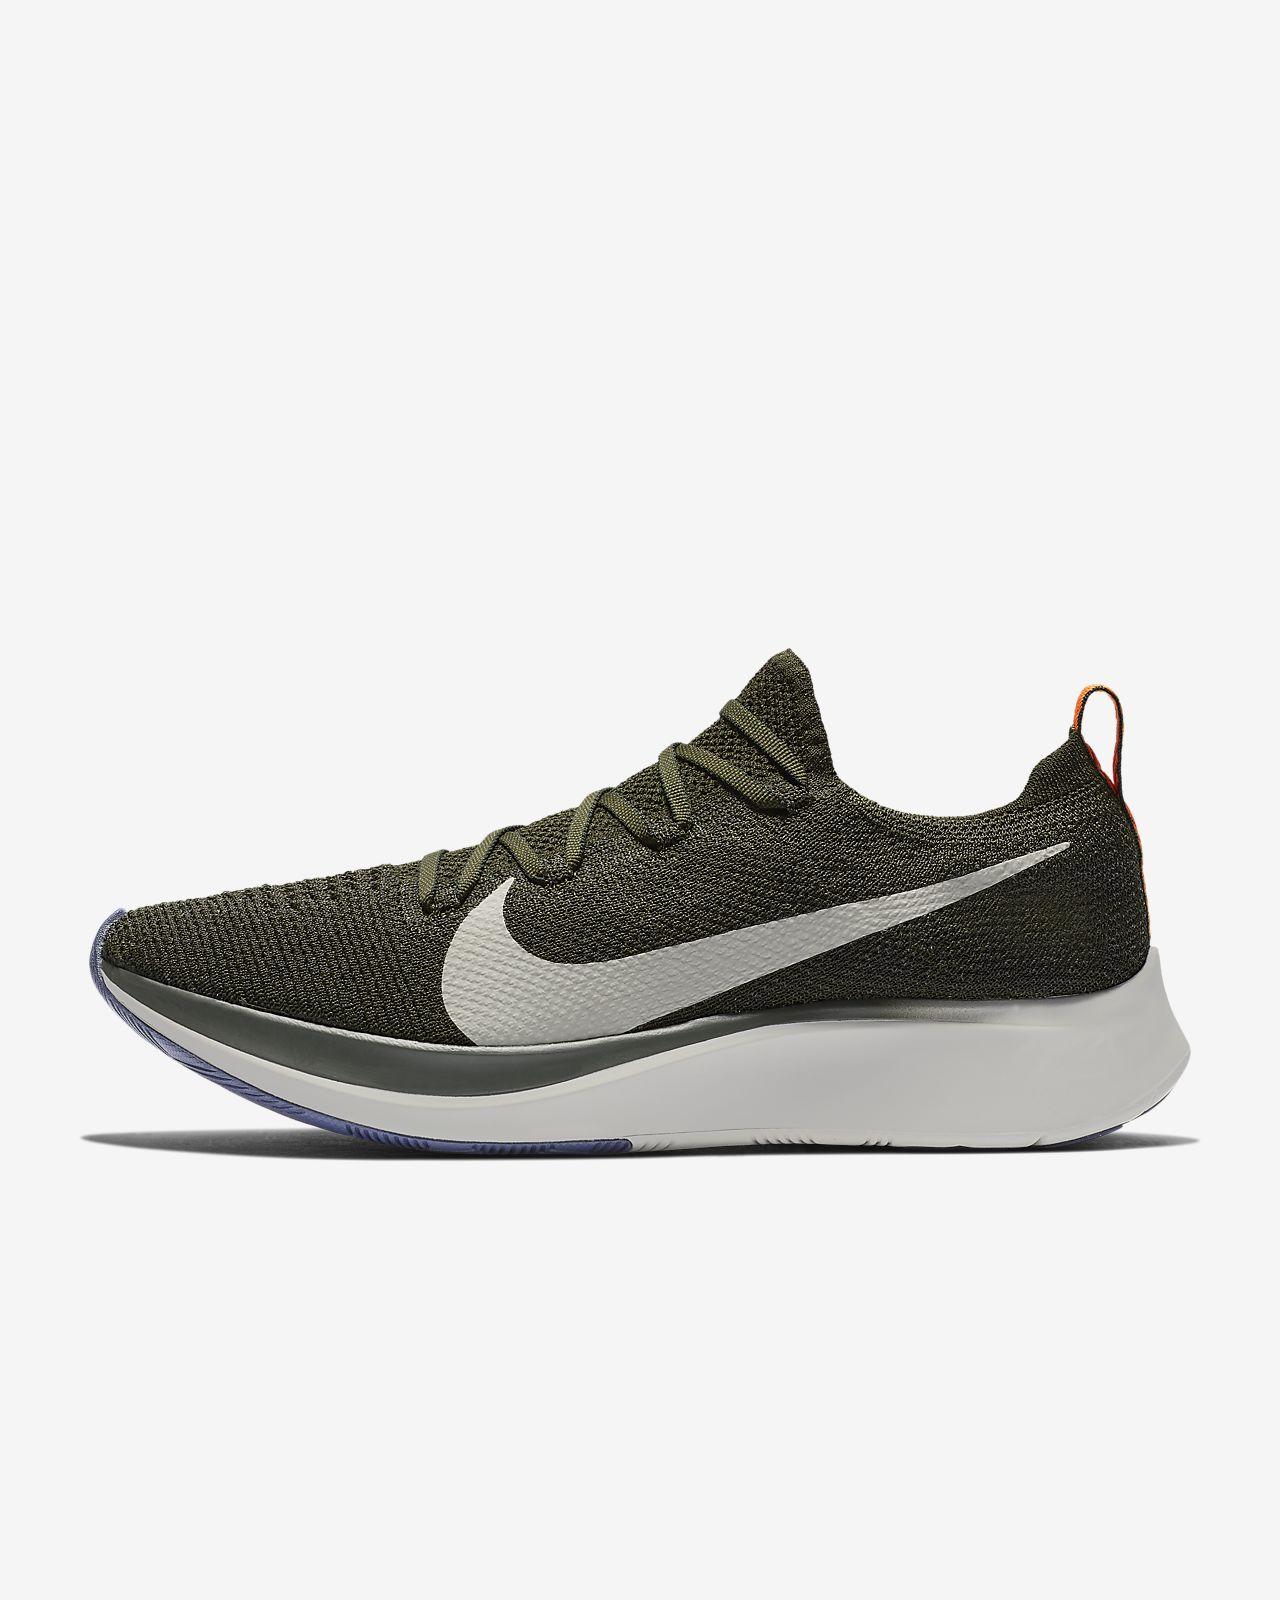 954db20f0d1b7 Nike Zoom Fly Flyknit Men s Running Shoe. Nike.com DK